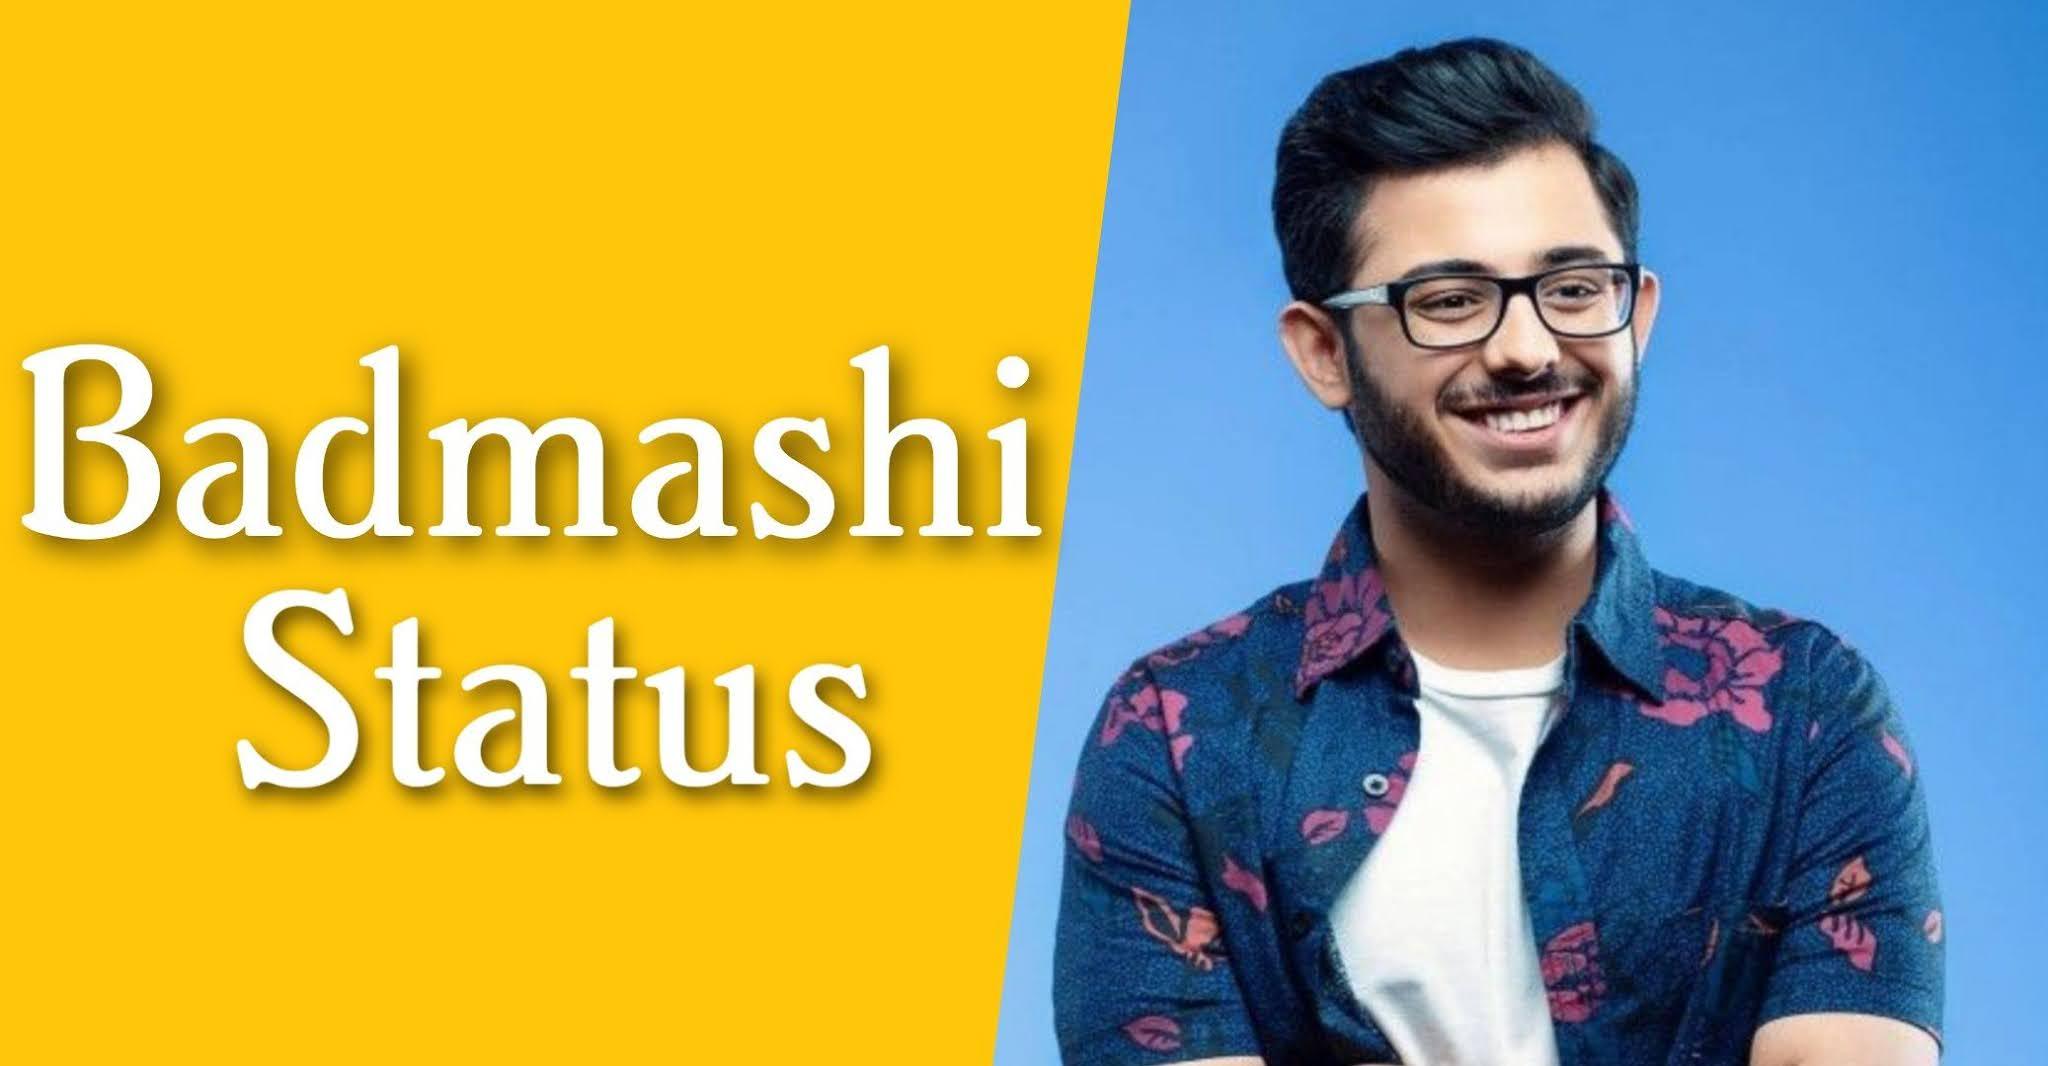 Badmashi Status in Hindi, Attitude Badmashi Status,Hindi Badmashi Status, New Badmashi Status, Haryanavi Badmashi Status